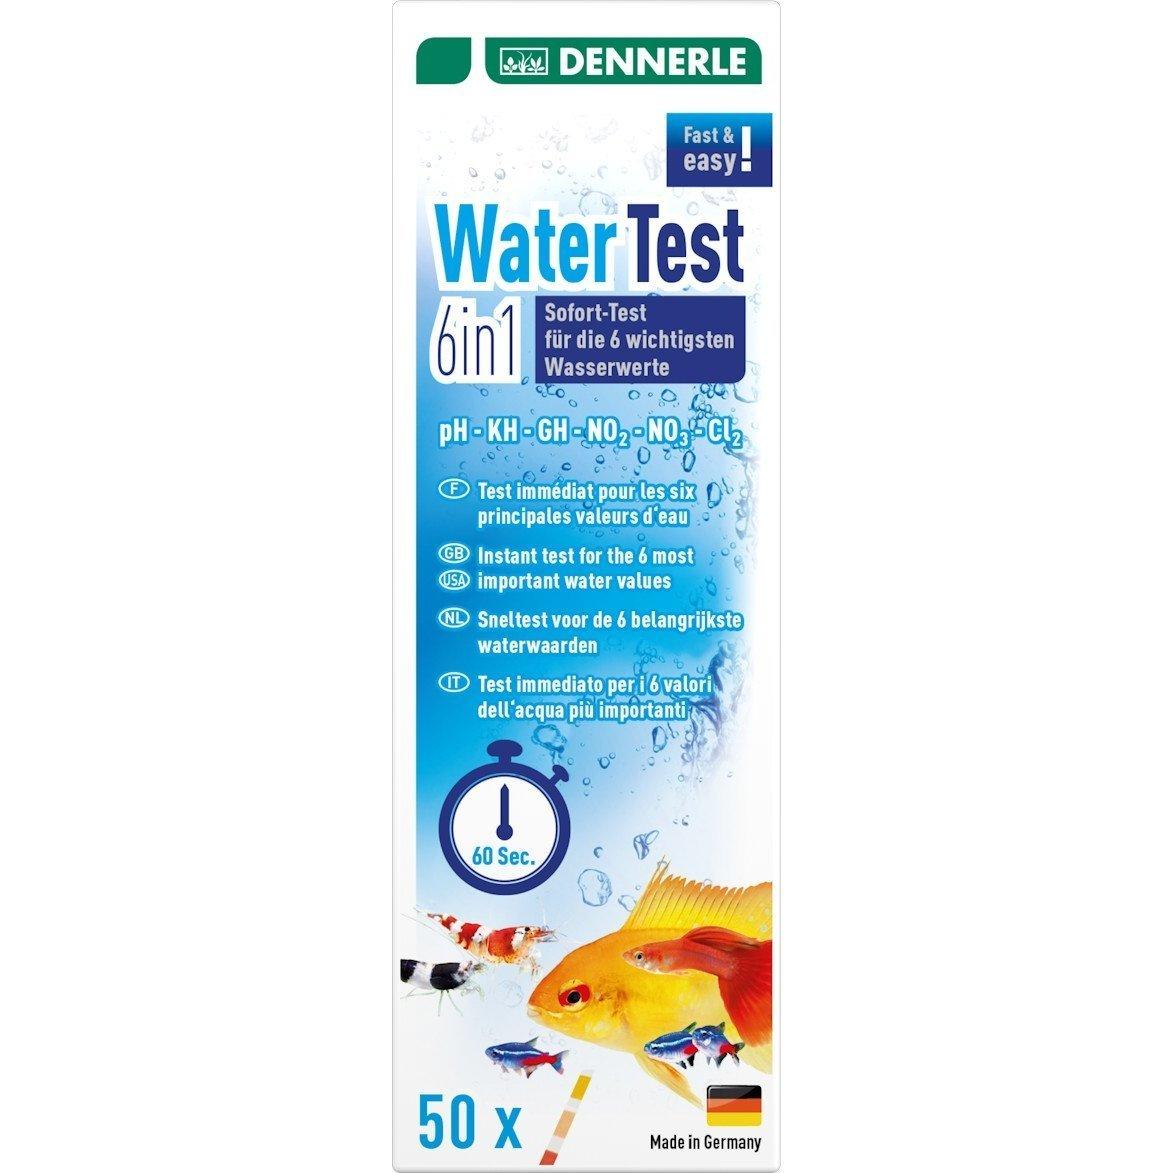 Dennerle WaterTest 6in1